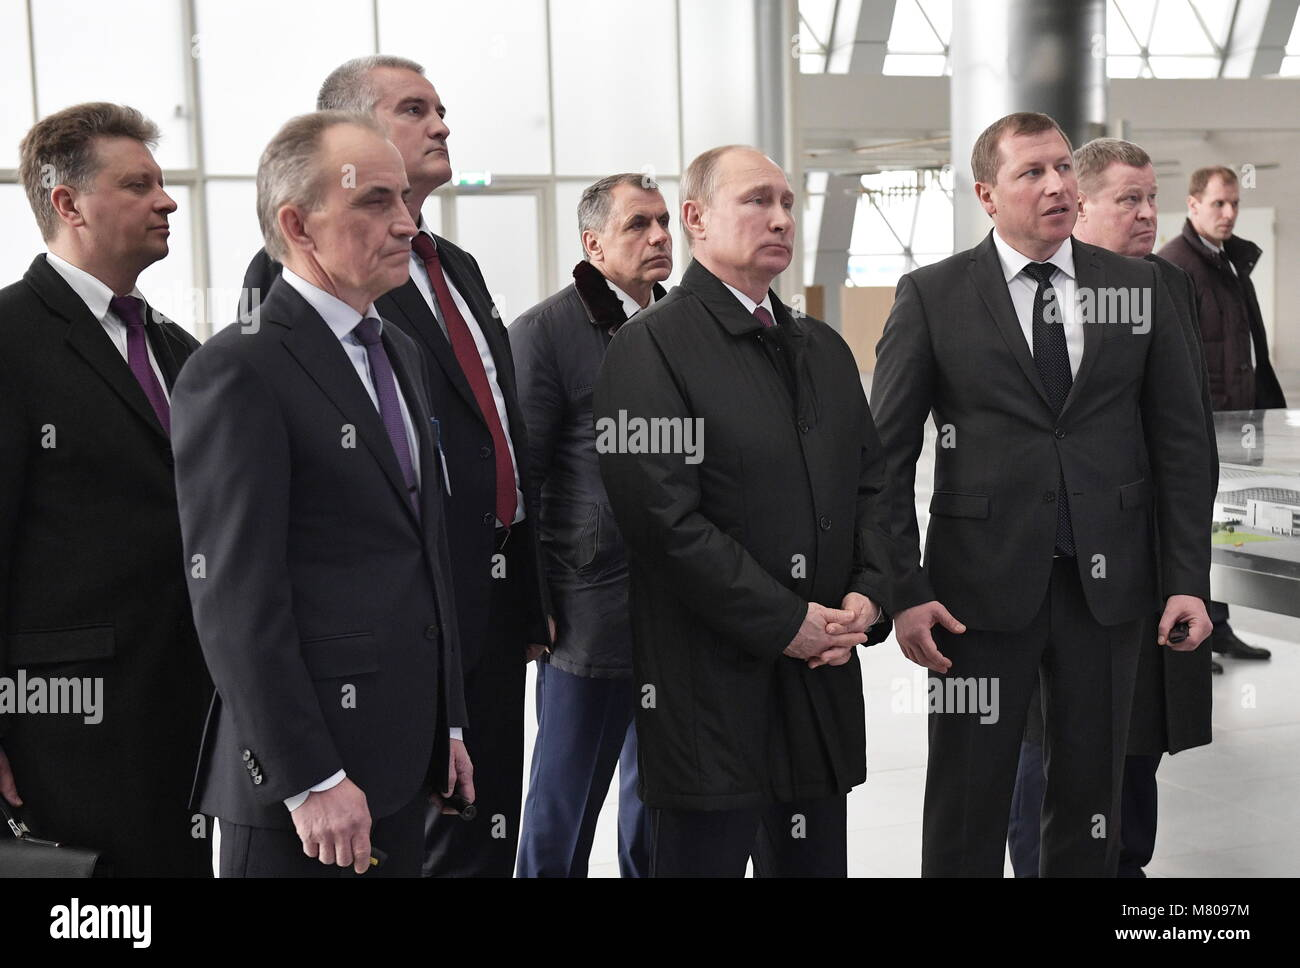 SIMFEROPOL, CRIMEA, RUSSIA - MARCH 14, 2018: Russia's Transport Minister Maxim Sokolov, Akons Pro general director - Stock Image